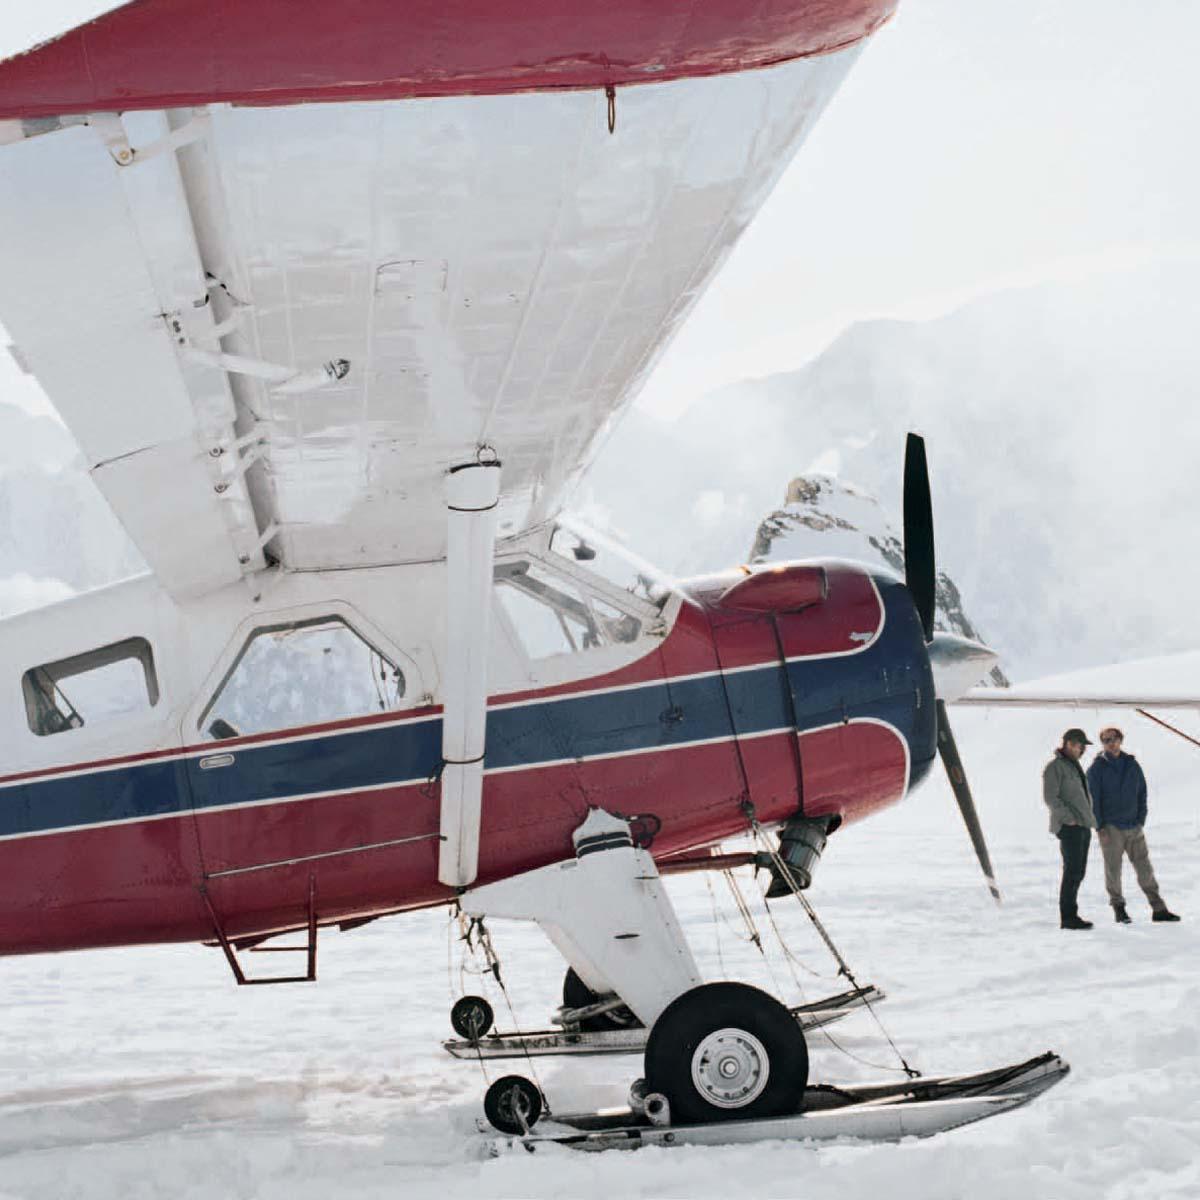 La Cote des Montres : Photo - Zenith Pilot Big Date Special